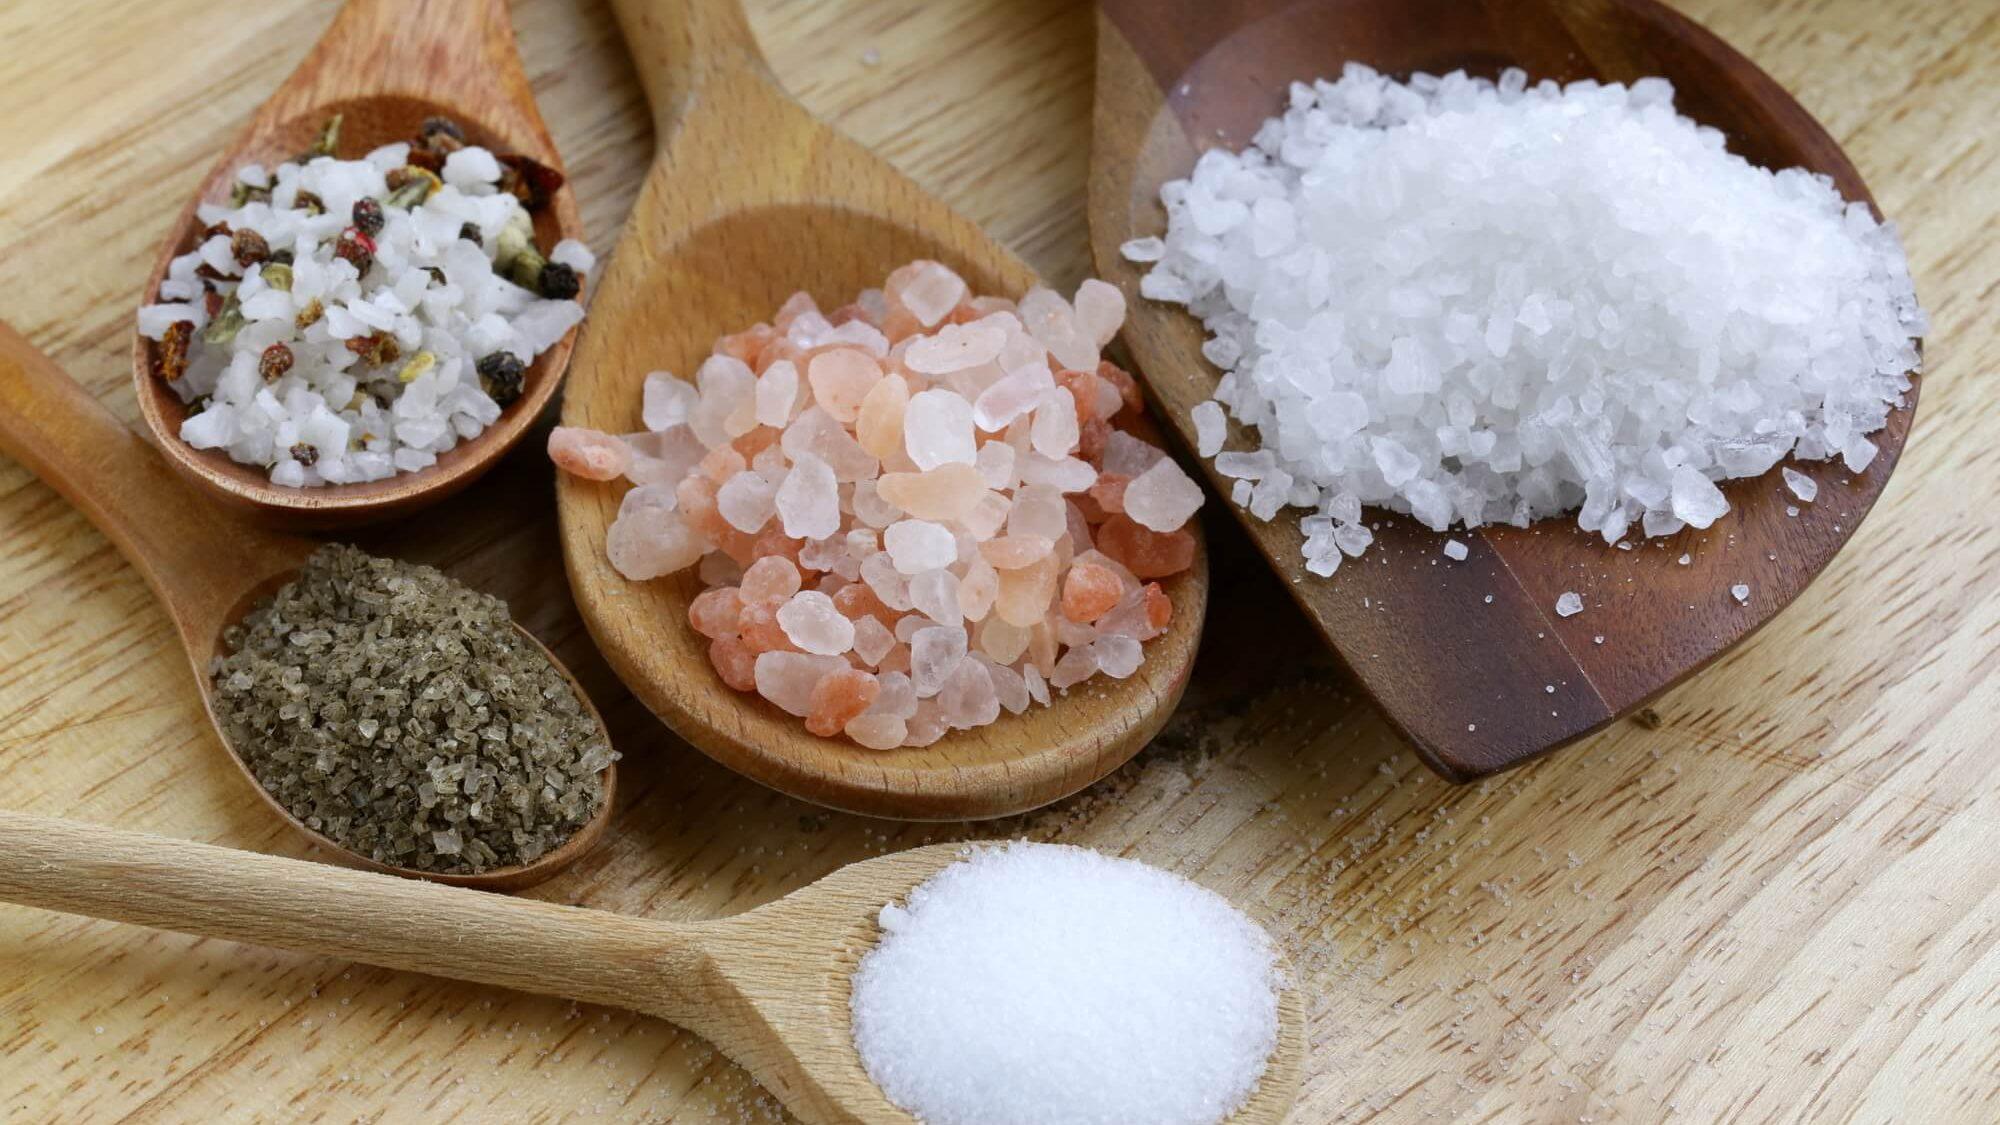 Esta estratégia vai te ajudar a reduzir o sal na dieta